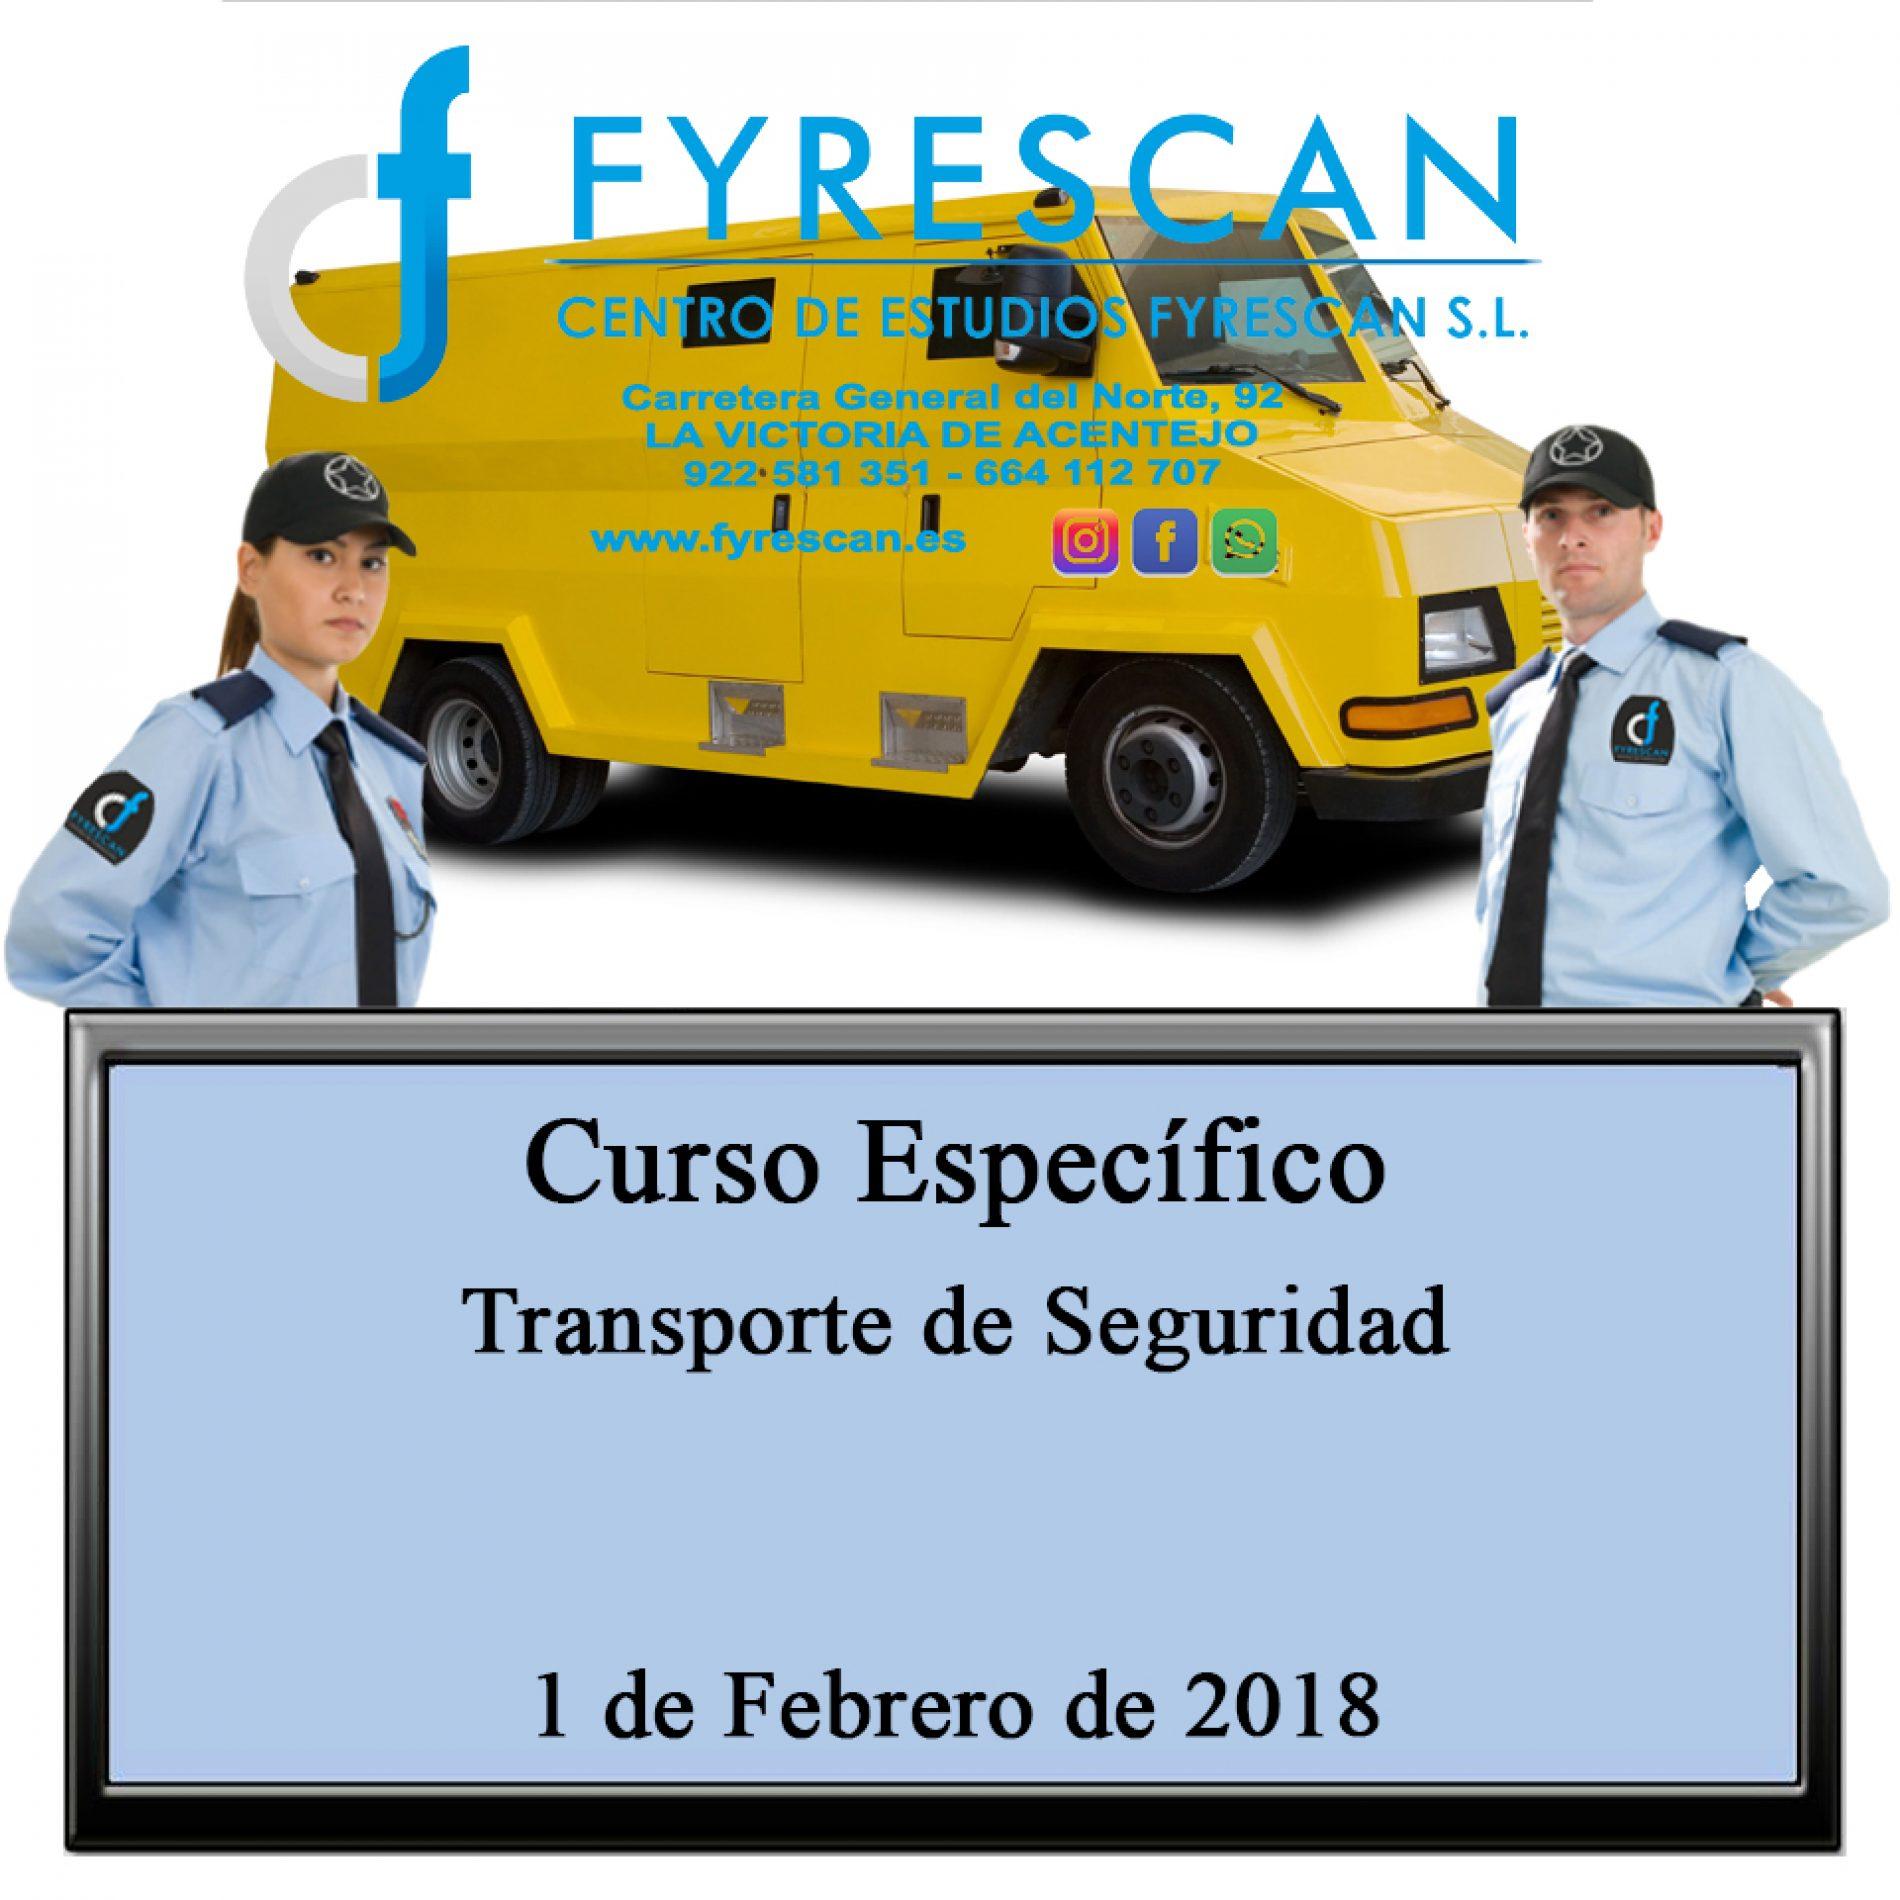 CAMBIO DE FECHA del Curso Específico de Transporte de Seguridad al día 1 de Febrero de 2018